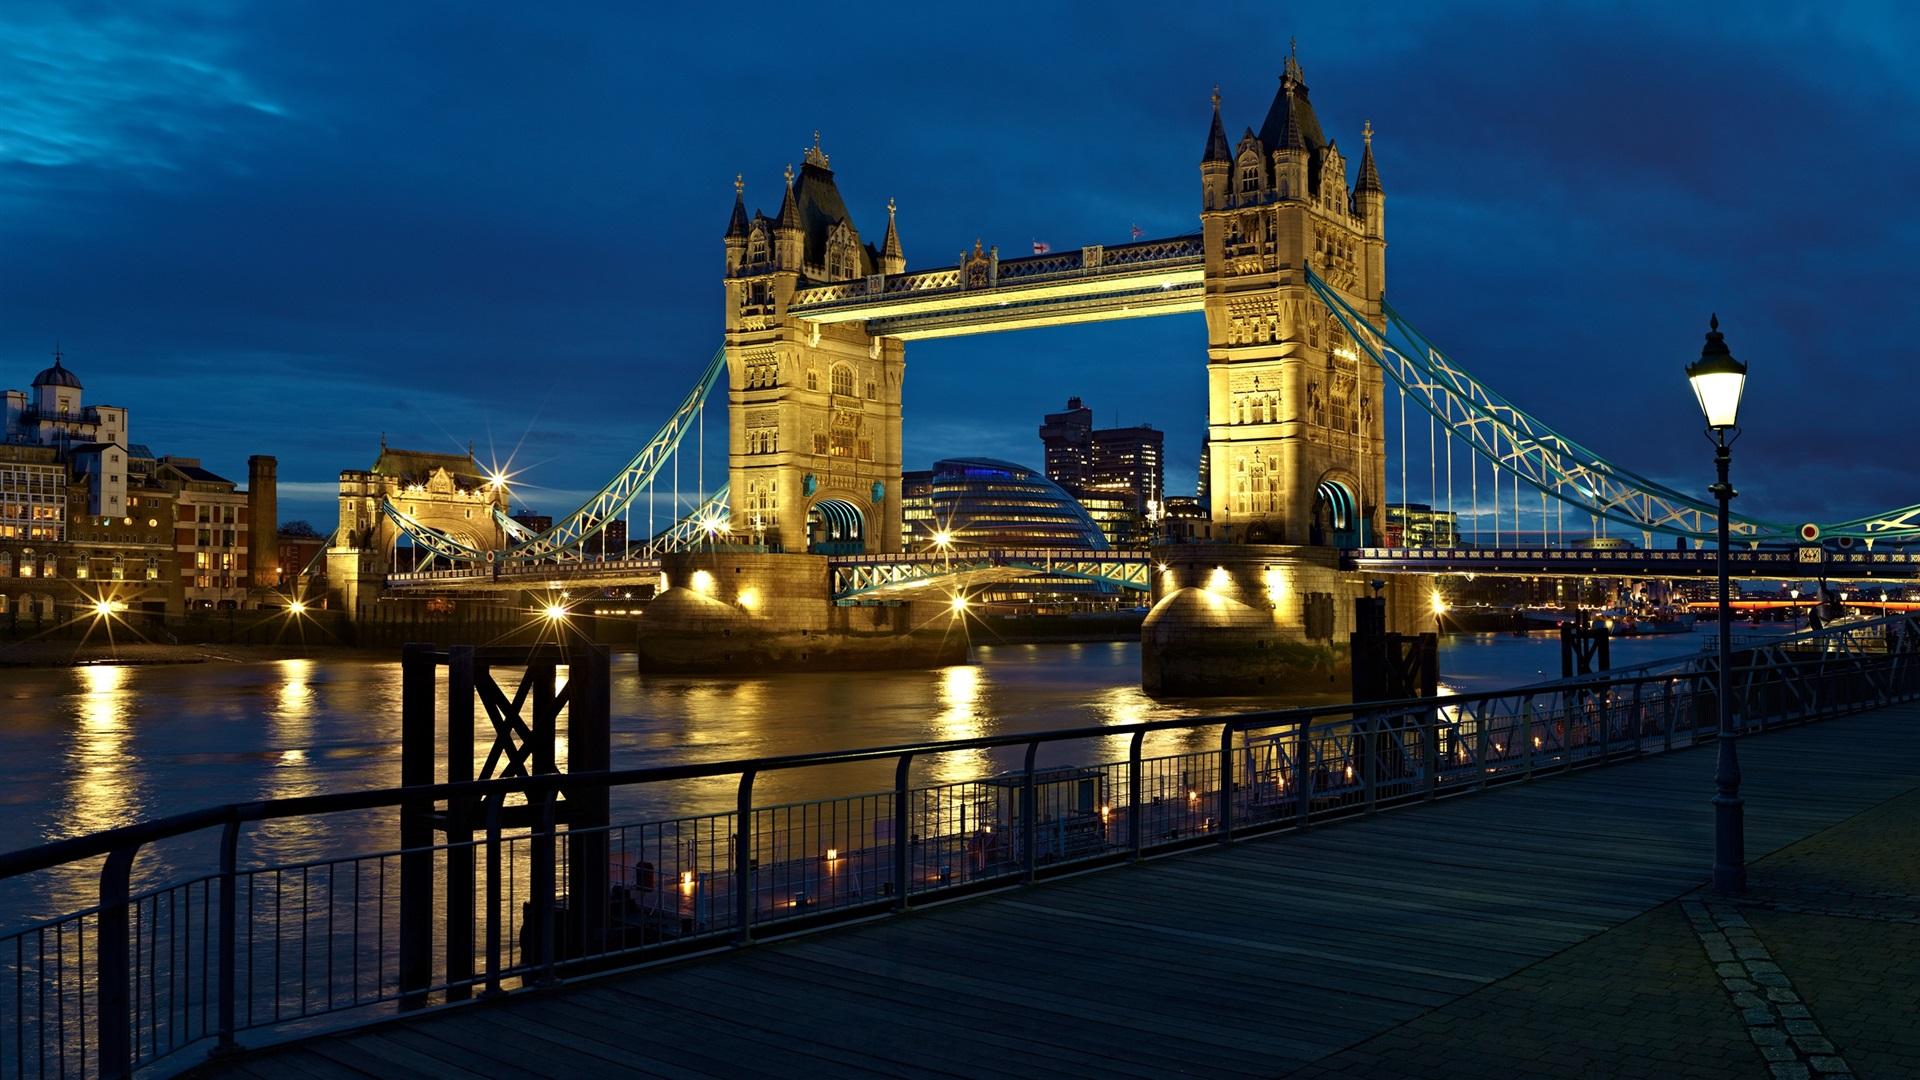 Hd wallpaper england - London England Stadt Den Fluss Themse Tower Bridge